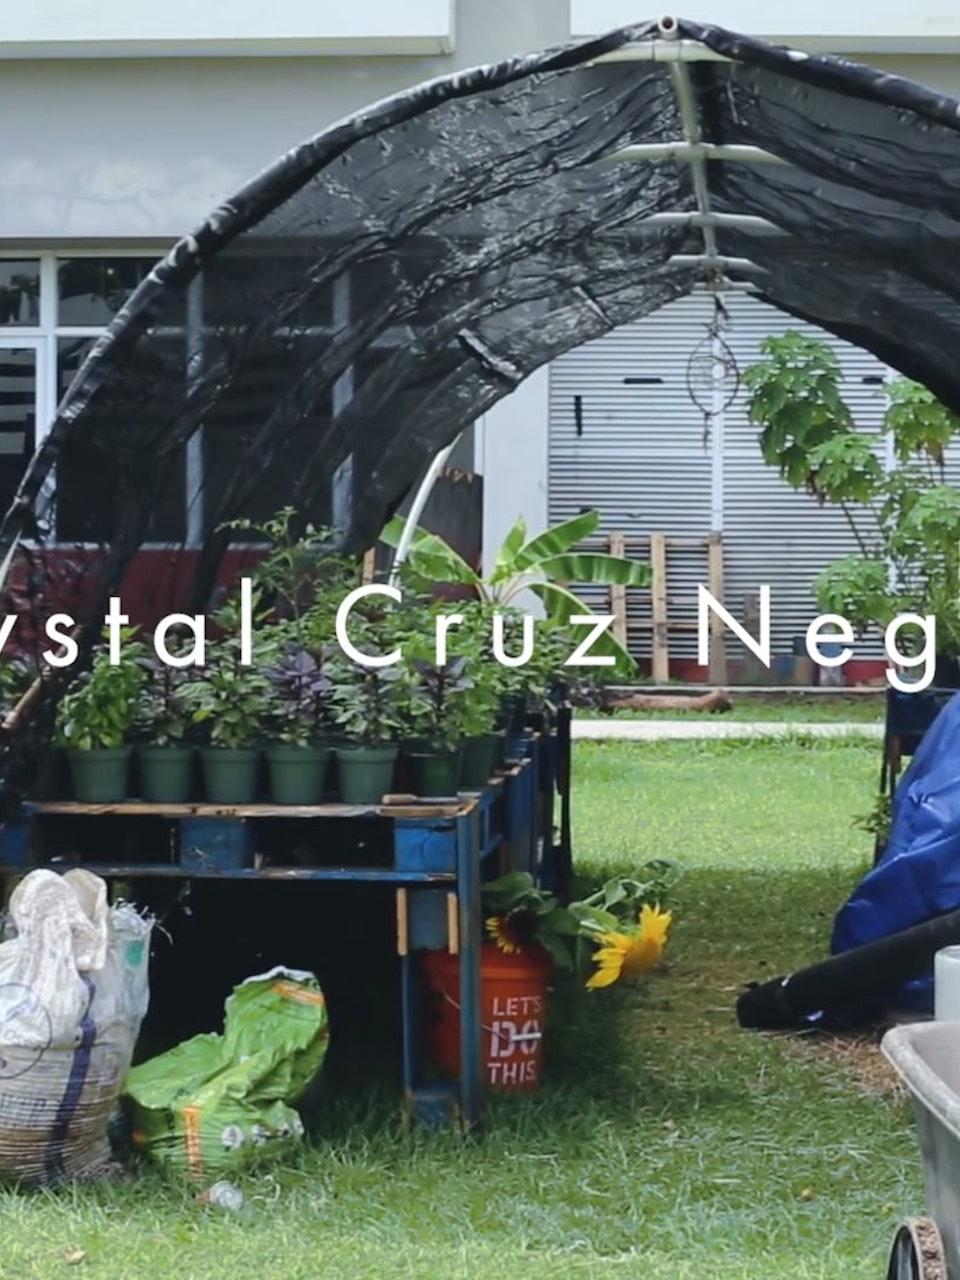 Crystal Cruz Negrón